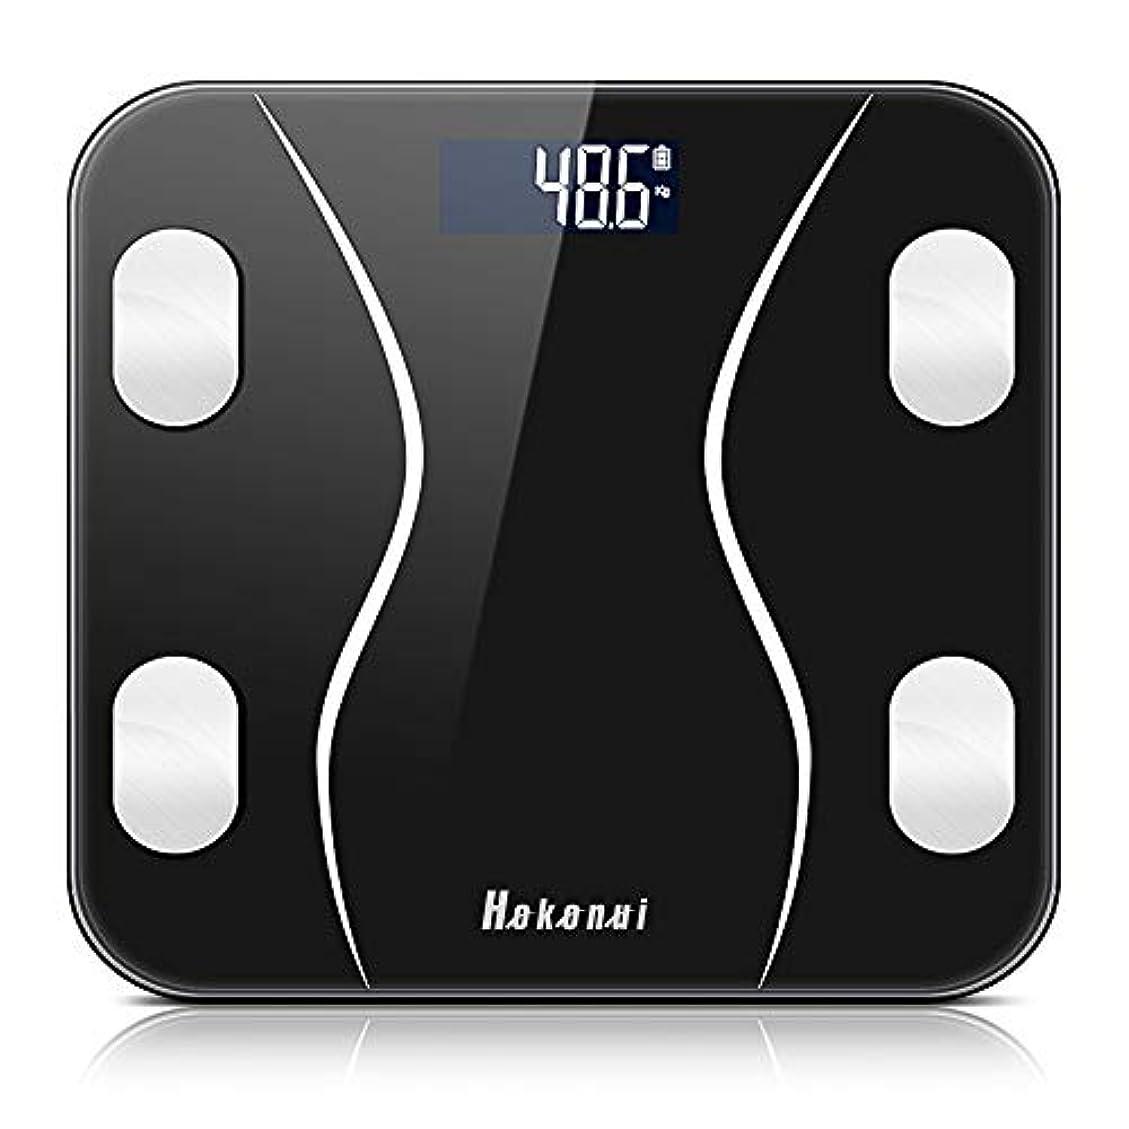 デンマーク語印象派ロビー体重計 体組成計 体脂肪計 Bluetooth LCDデジタル表示 強化ガラス 高精度センサー スマートスケール 体重/体脂肪率/BMI/BMR/体内水分/骨量/骨格筋など測定 健康管理 最大180KGまで測り Kungix